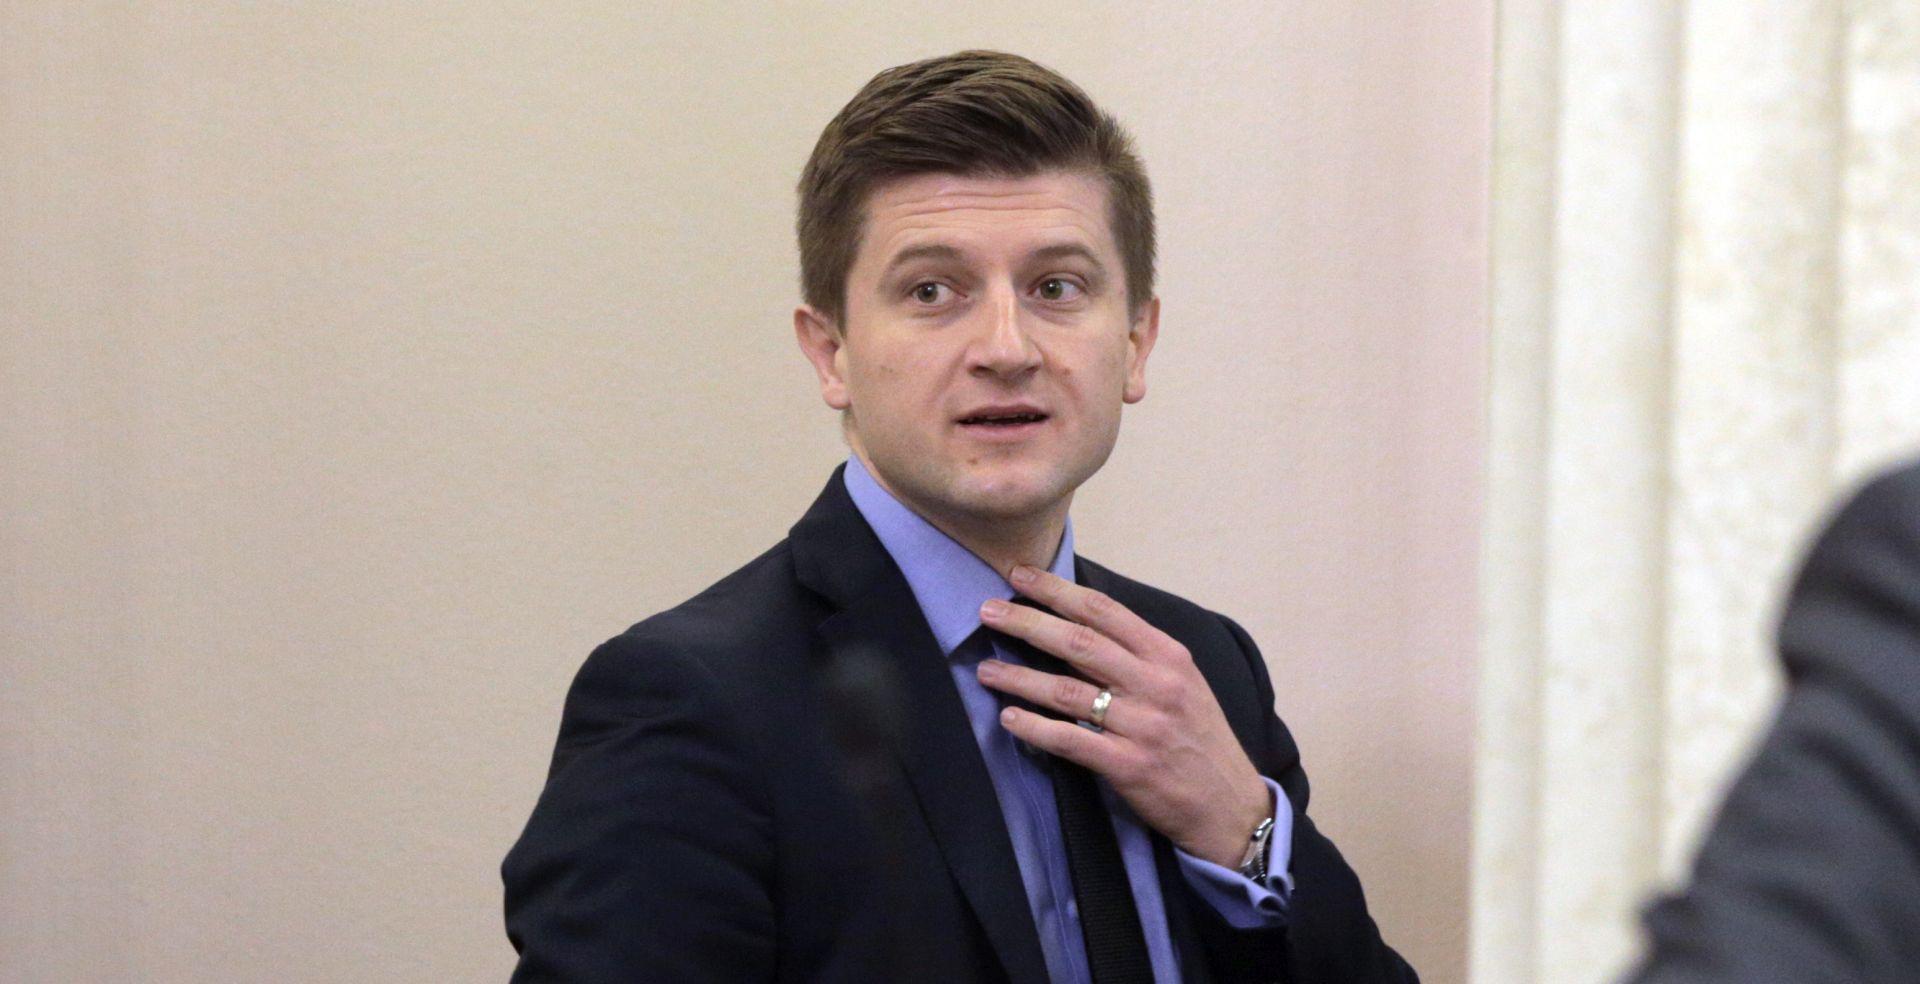 MARIĆ ODGOVORIO GRABAR KITAROVIĆ: Treba čuti konkretan prijedlog